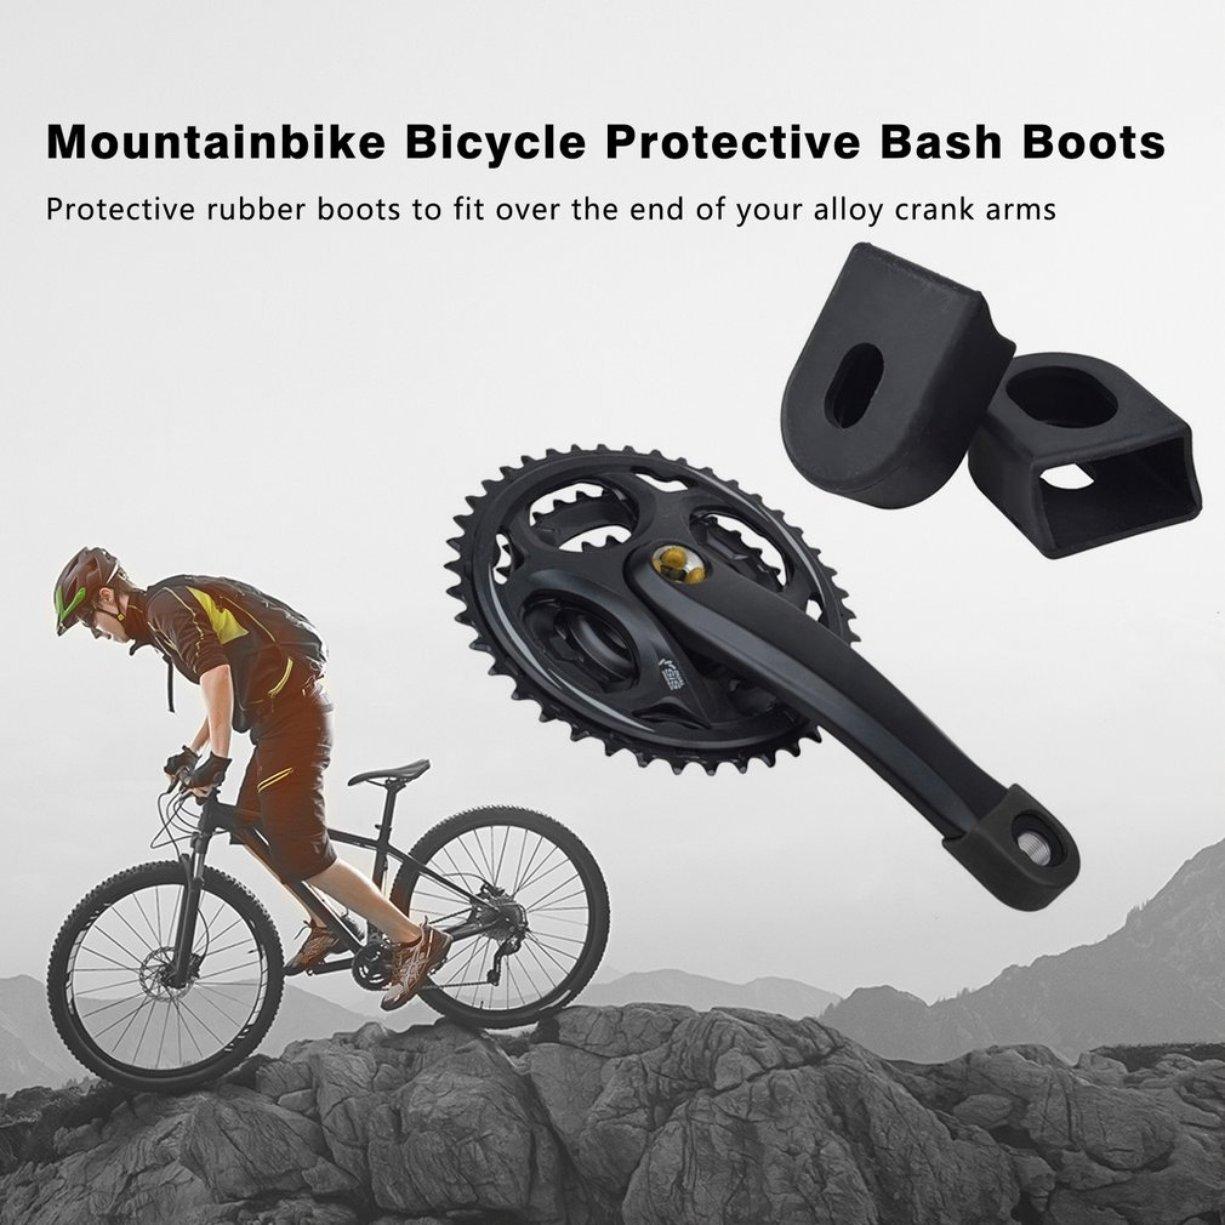 manivela Protector Cubierta Protectora Bielas Mountainbike Botas Protectoras de Bicicleta para Brazo de manivela de aleaci/ón Nueva Llegada